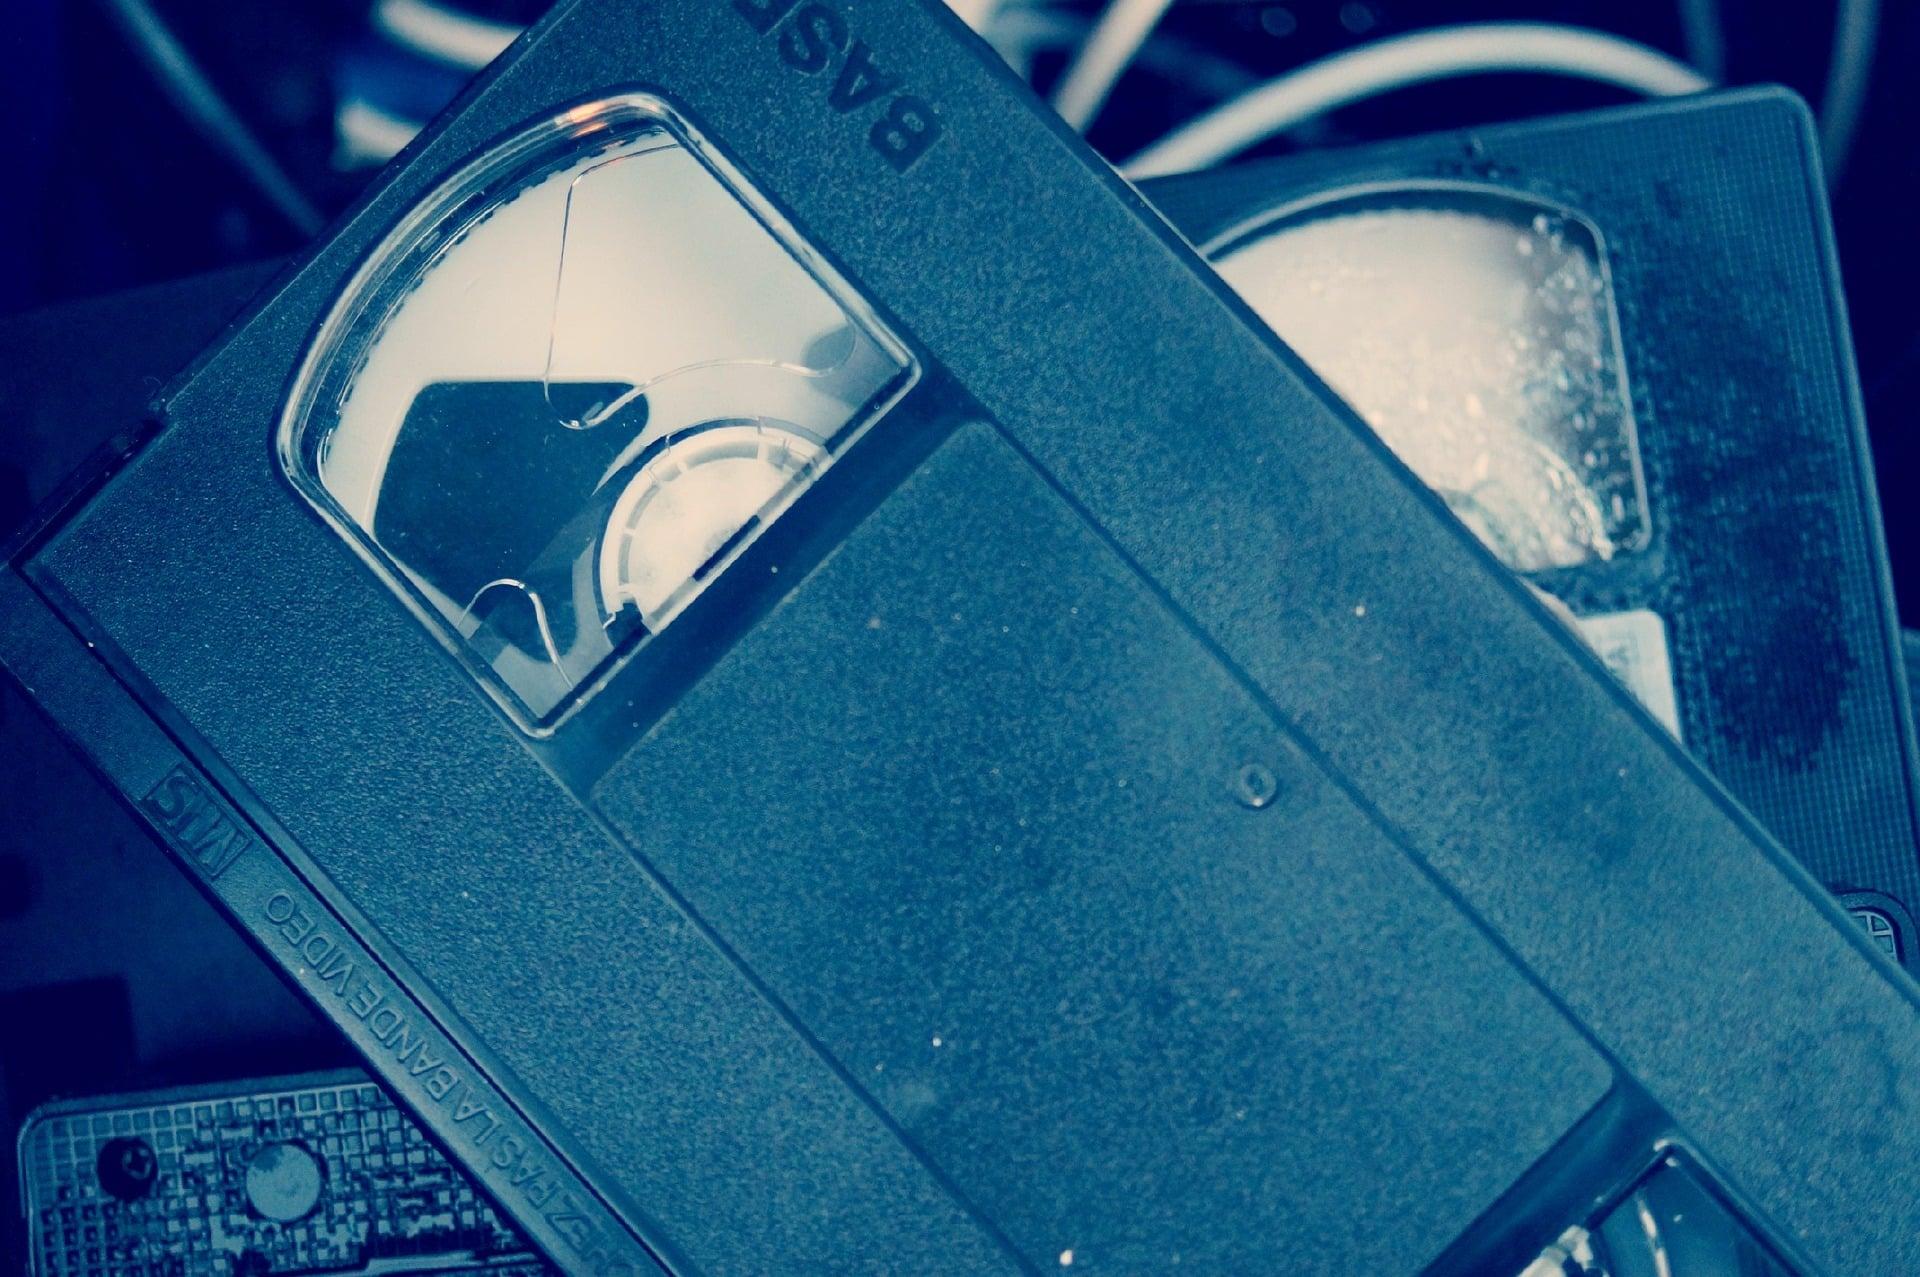 Prawa pokrewne - czym jest wideogram? (na zdjęciu: kaseta VHS)